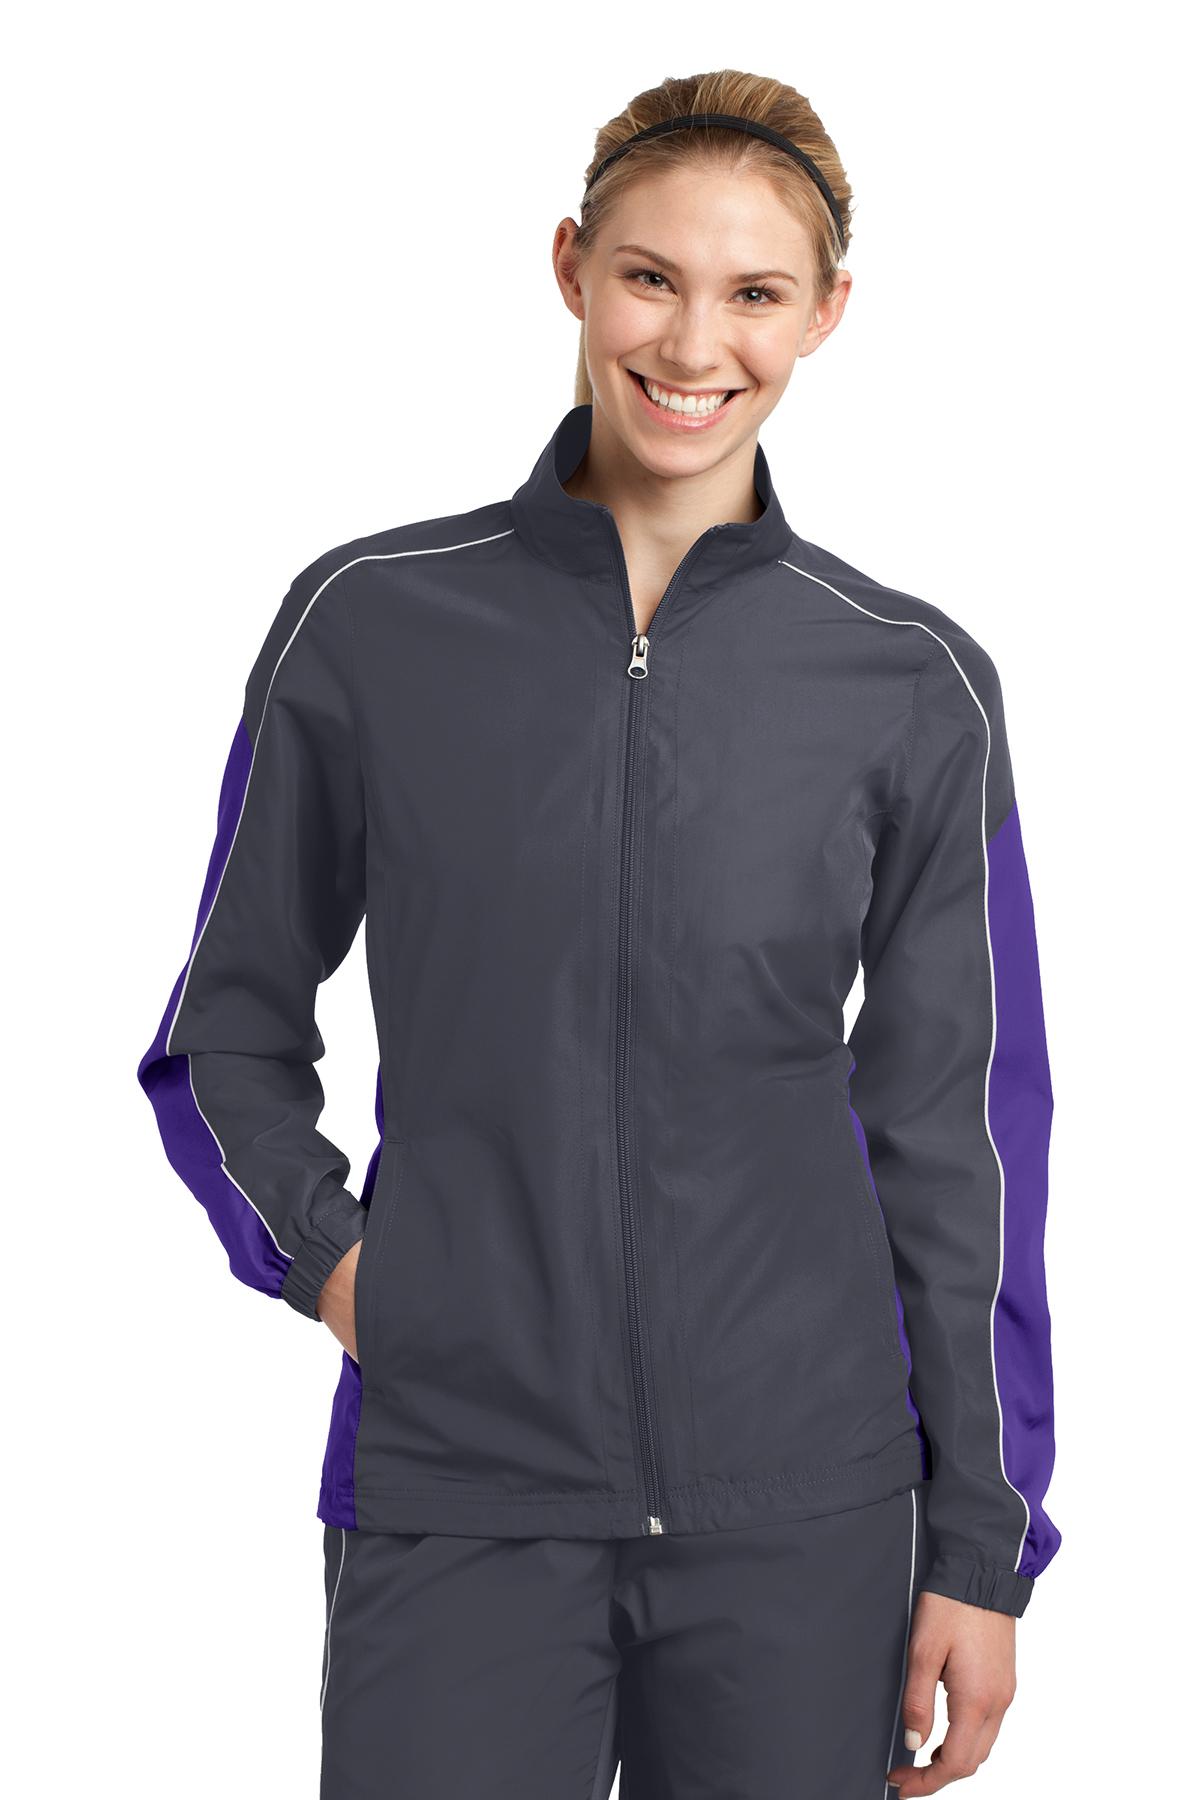 click to view Graphite Grey/Purple/White